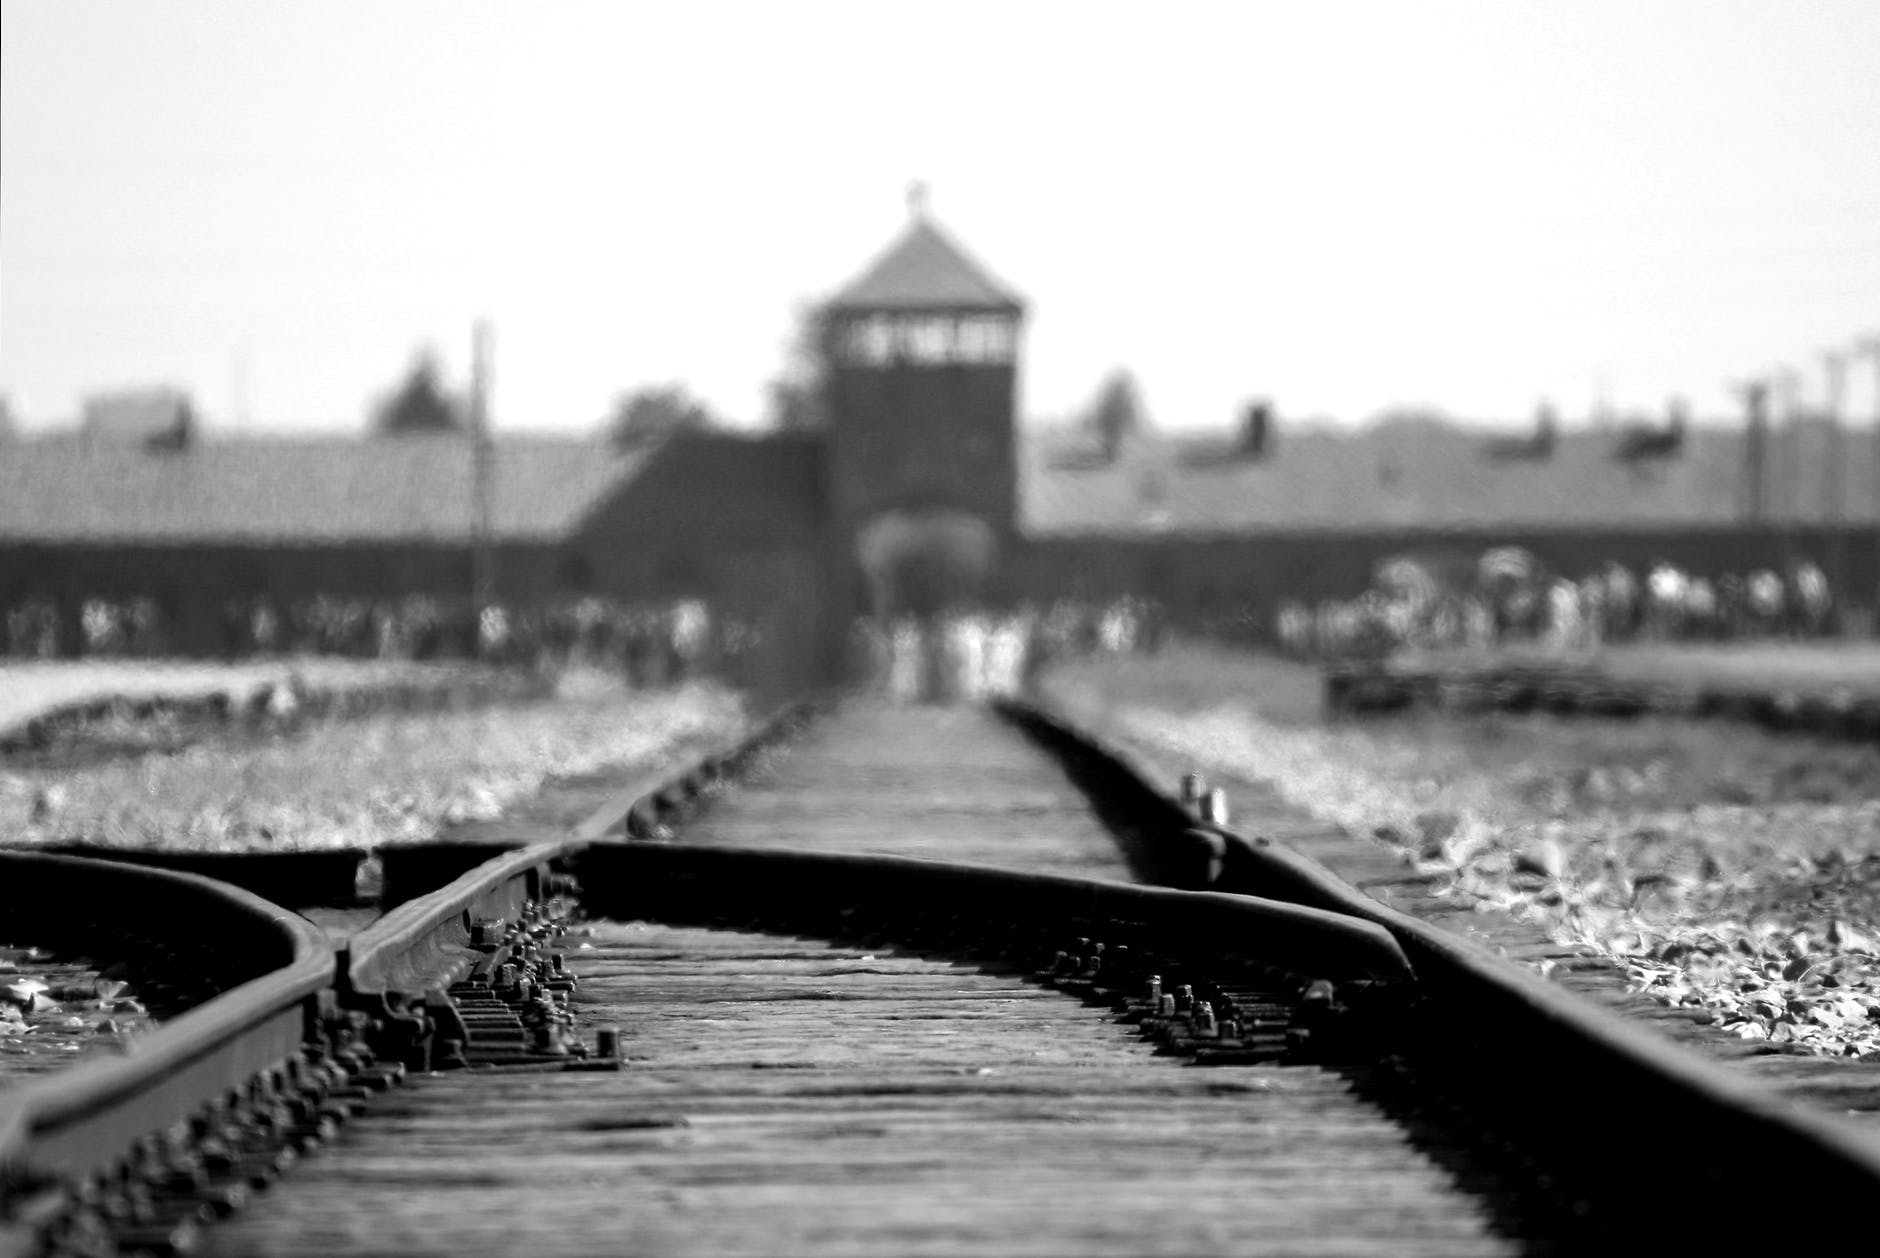 Förintelsen - En mörk period